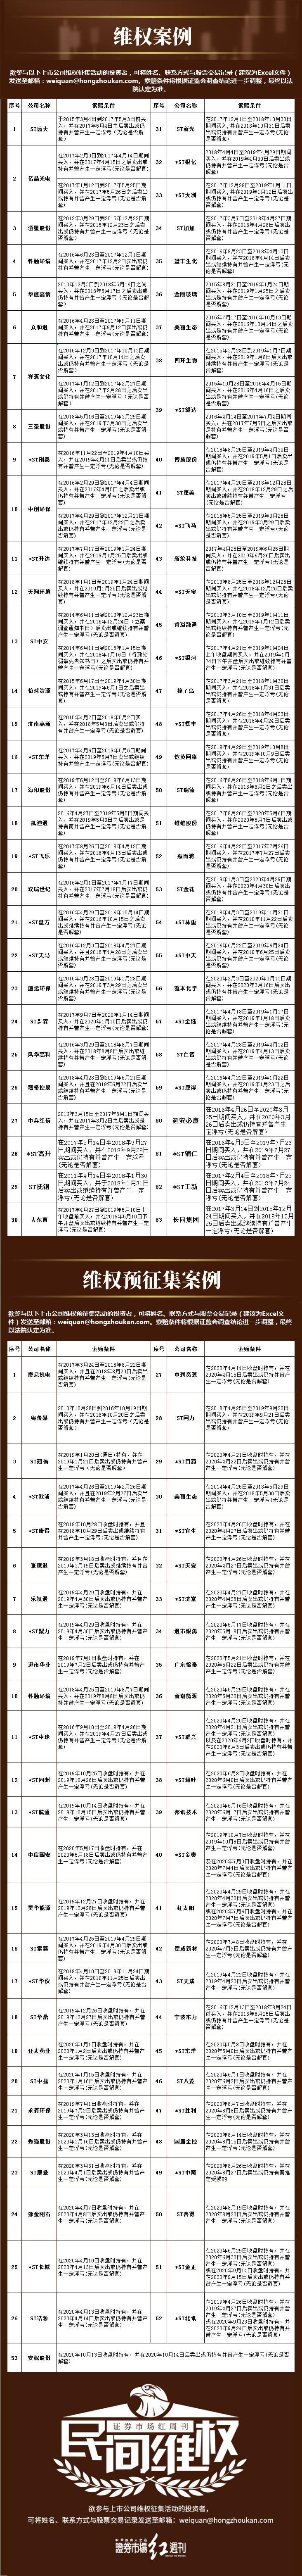 民间维权 | *ST群兴:三项违规行为被查明 遭深交所公开谴责